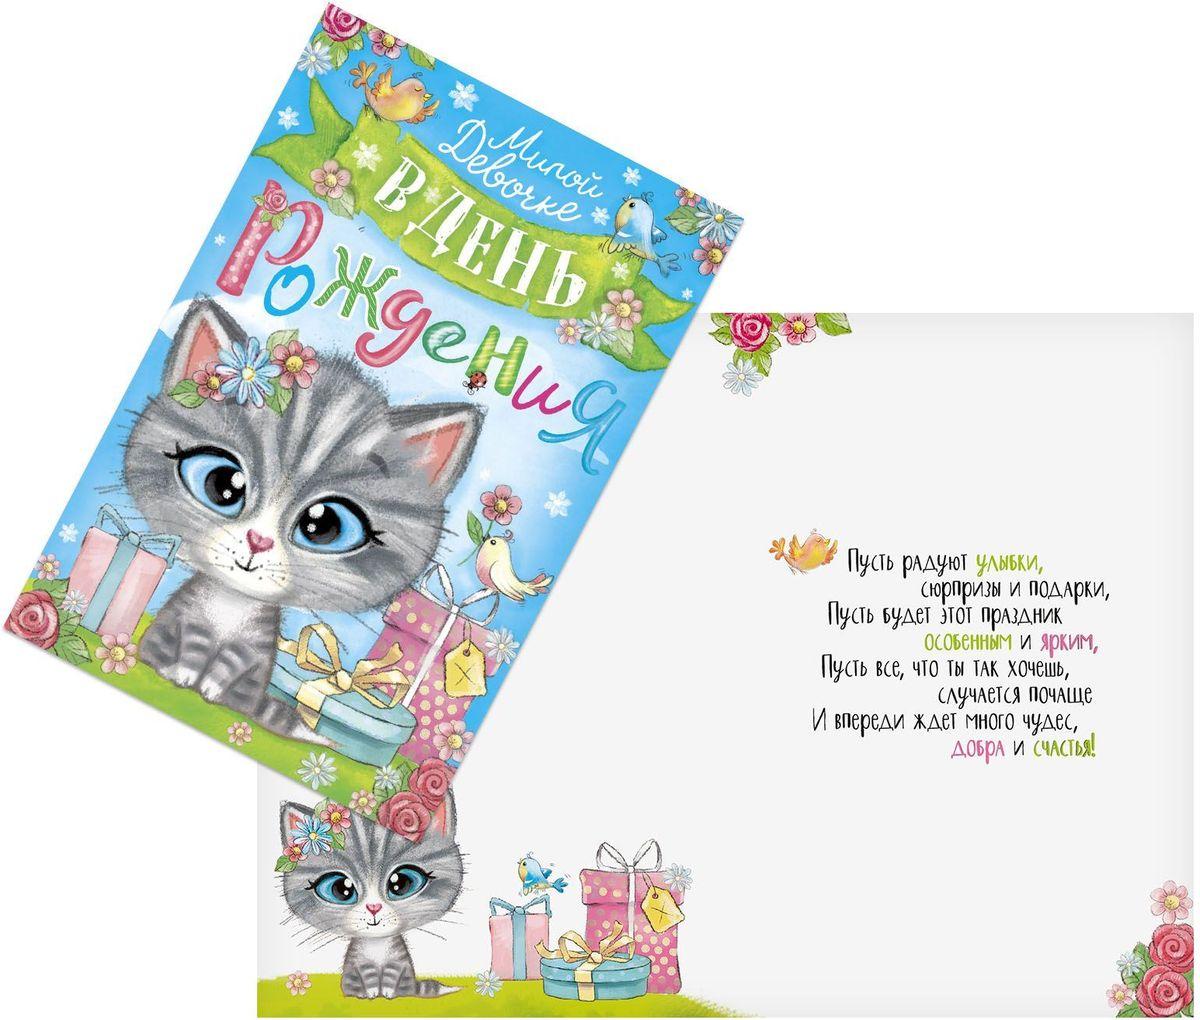 Открытка Дарите cчастье Милой девочке, 12 х 18 смБрелок для ключейАтмосферу праздника создают детали: свечи, цветы, бокалы, воздушные шары и поздравительные открытки — яркие и весёлые, романтичные и нежные, милые и трогательные. Расскажите о своих чувствах дорогому для вас человеку, поделитесь радостью с близкими и друзьями. Открытка с креативным дизайном вам в этом поможет.